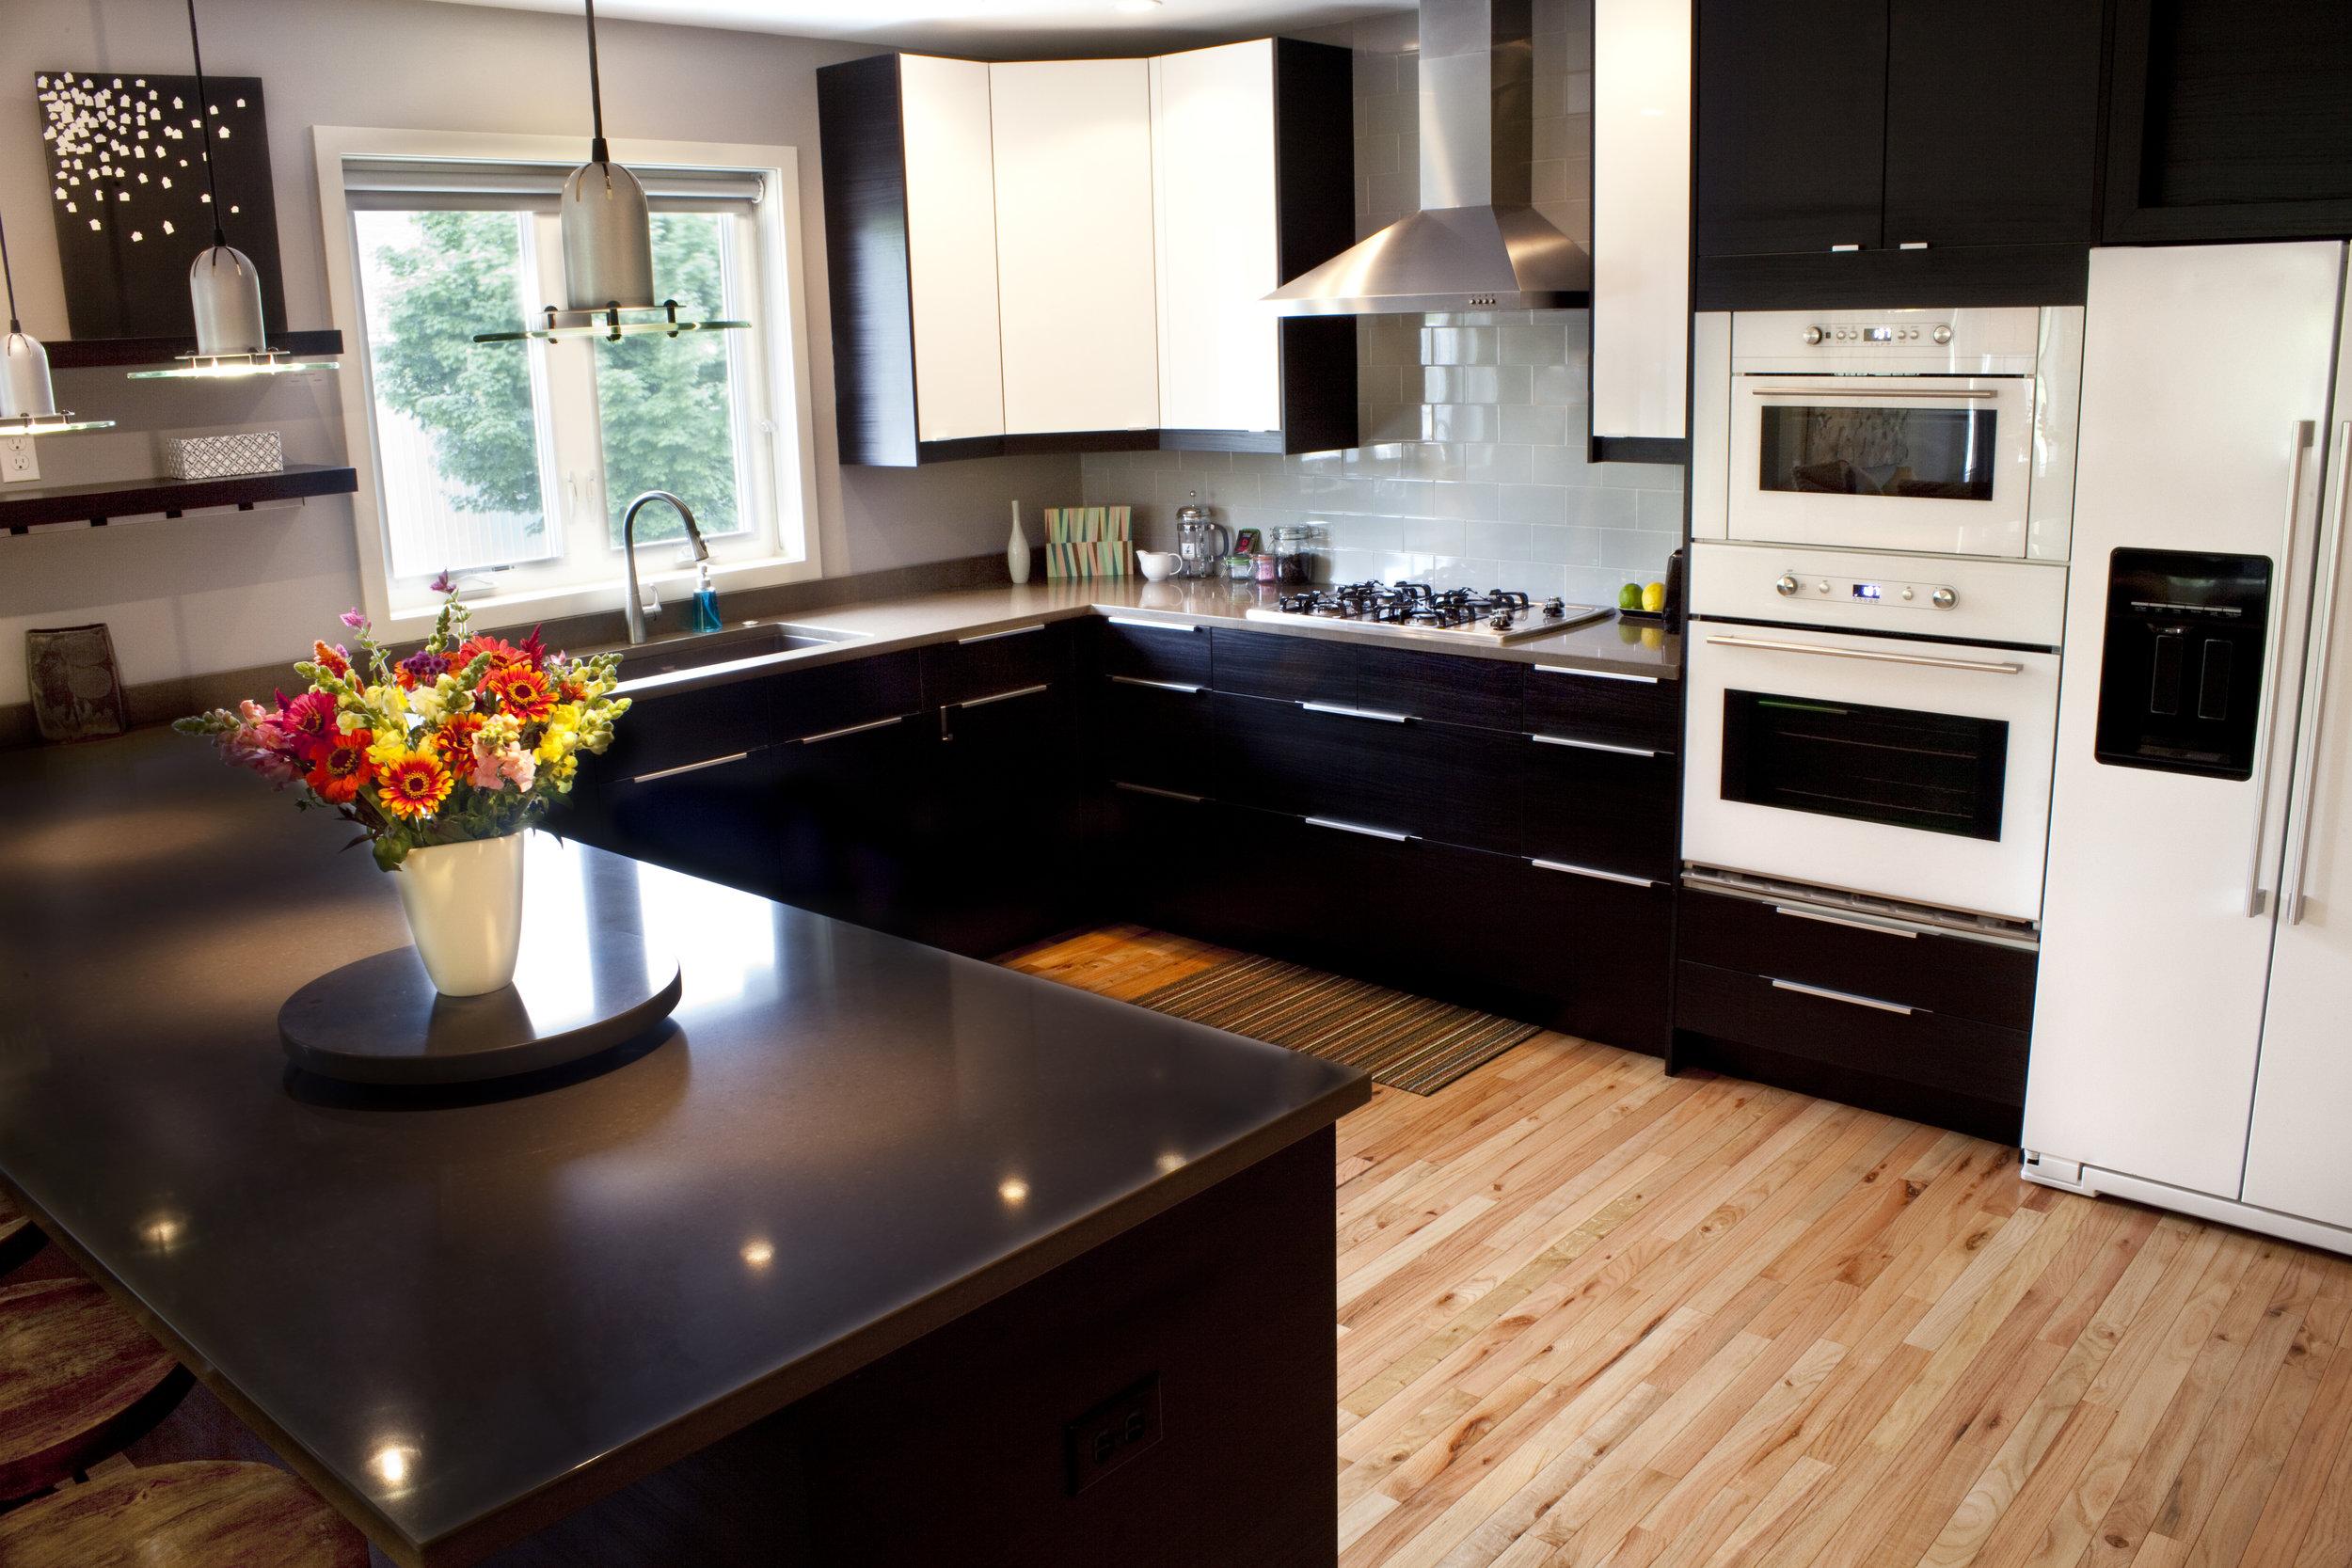 warhol-kitchen-2.jpg